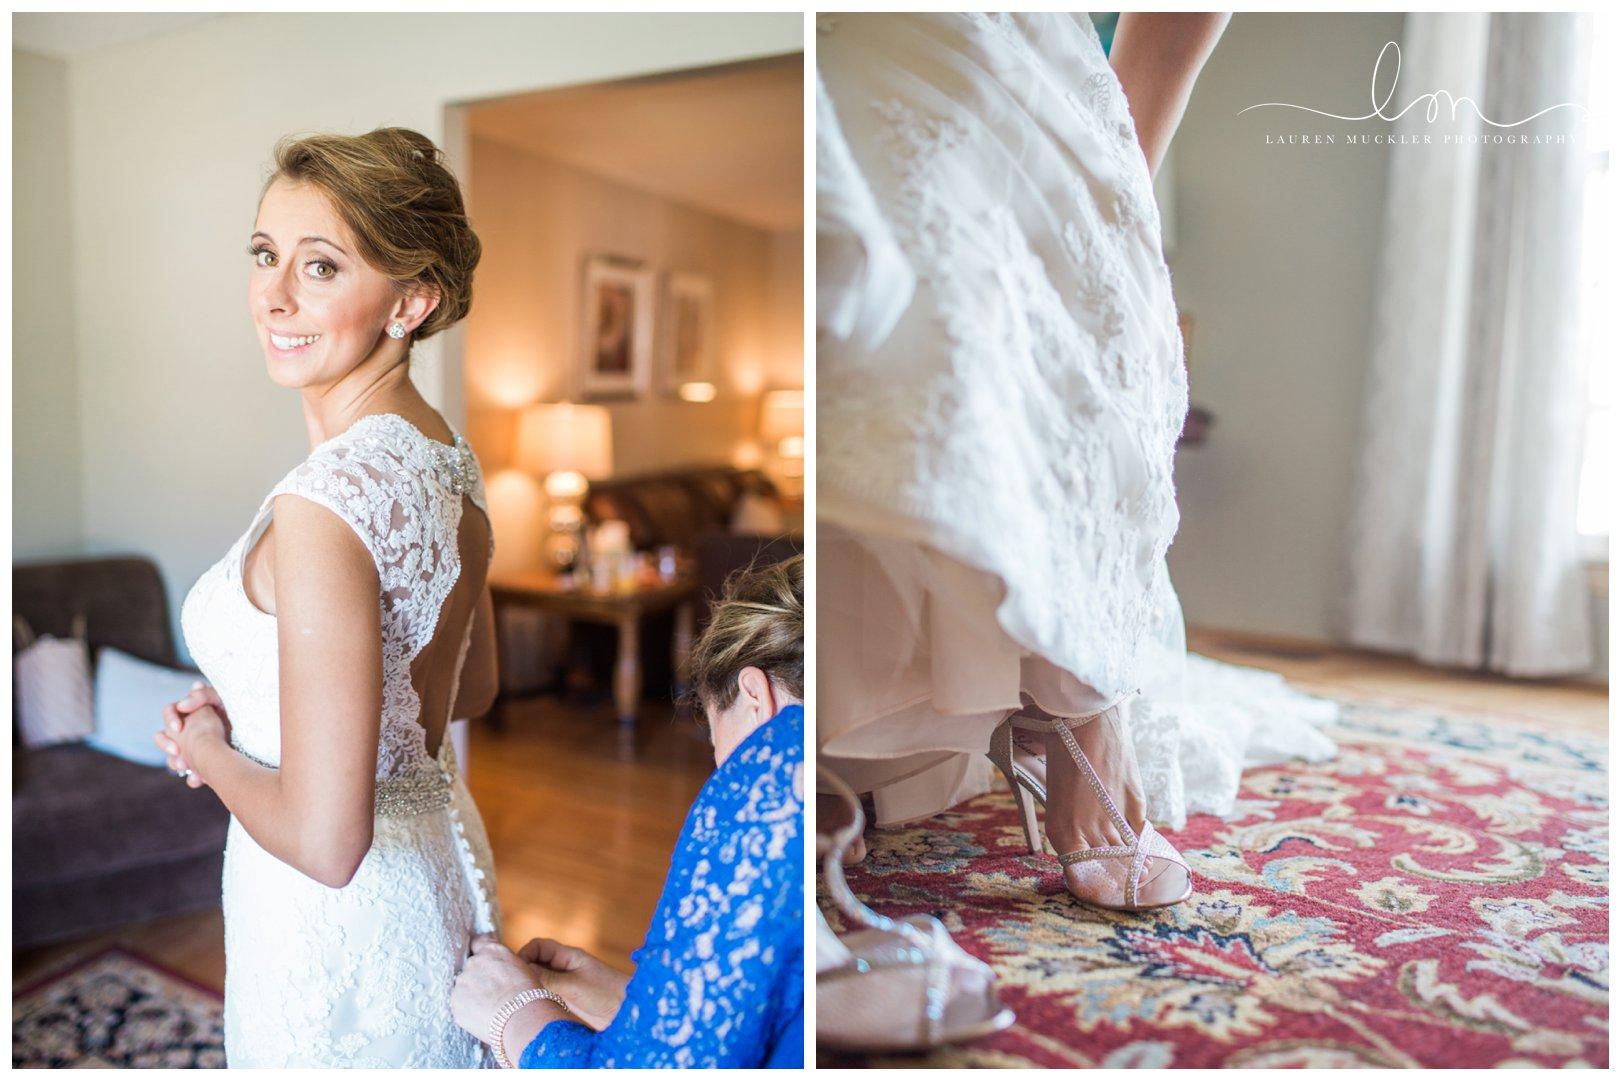 lauren muckler photography_fine art film wedding photography_st louis_photography_0484.jpg